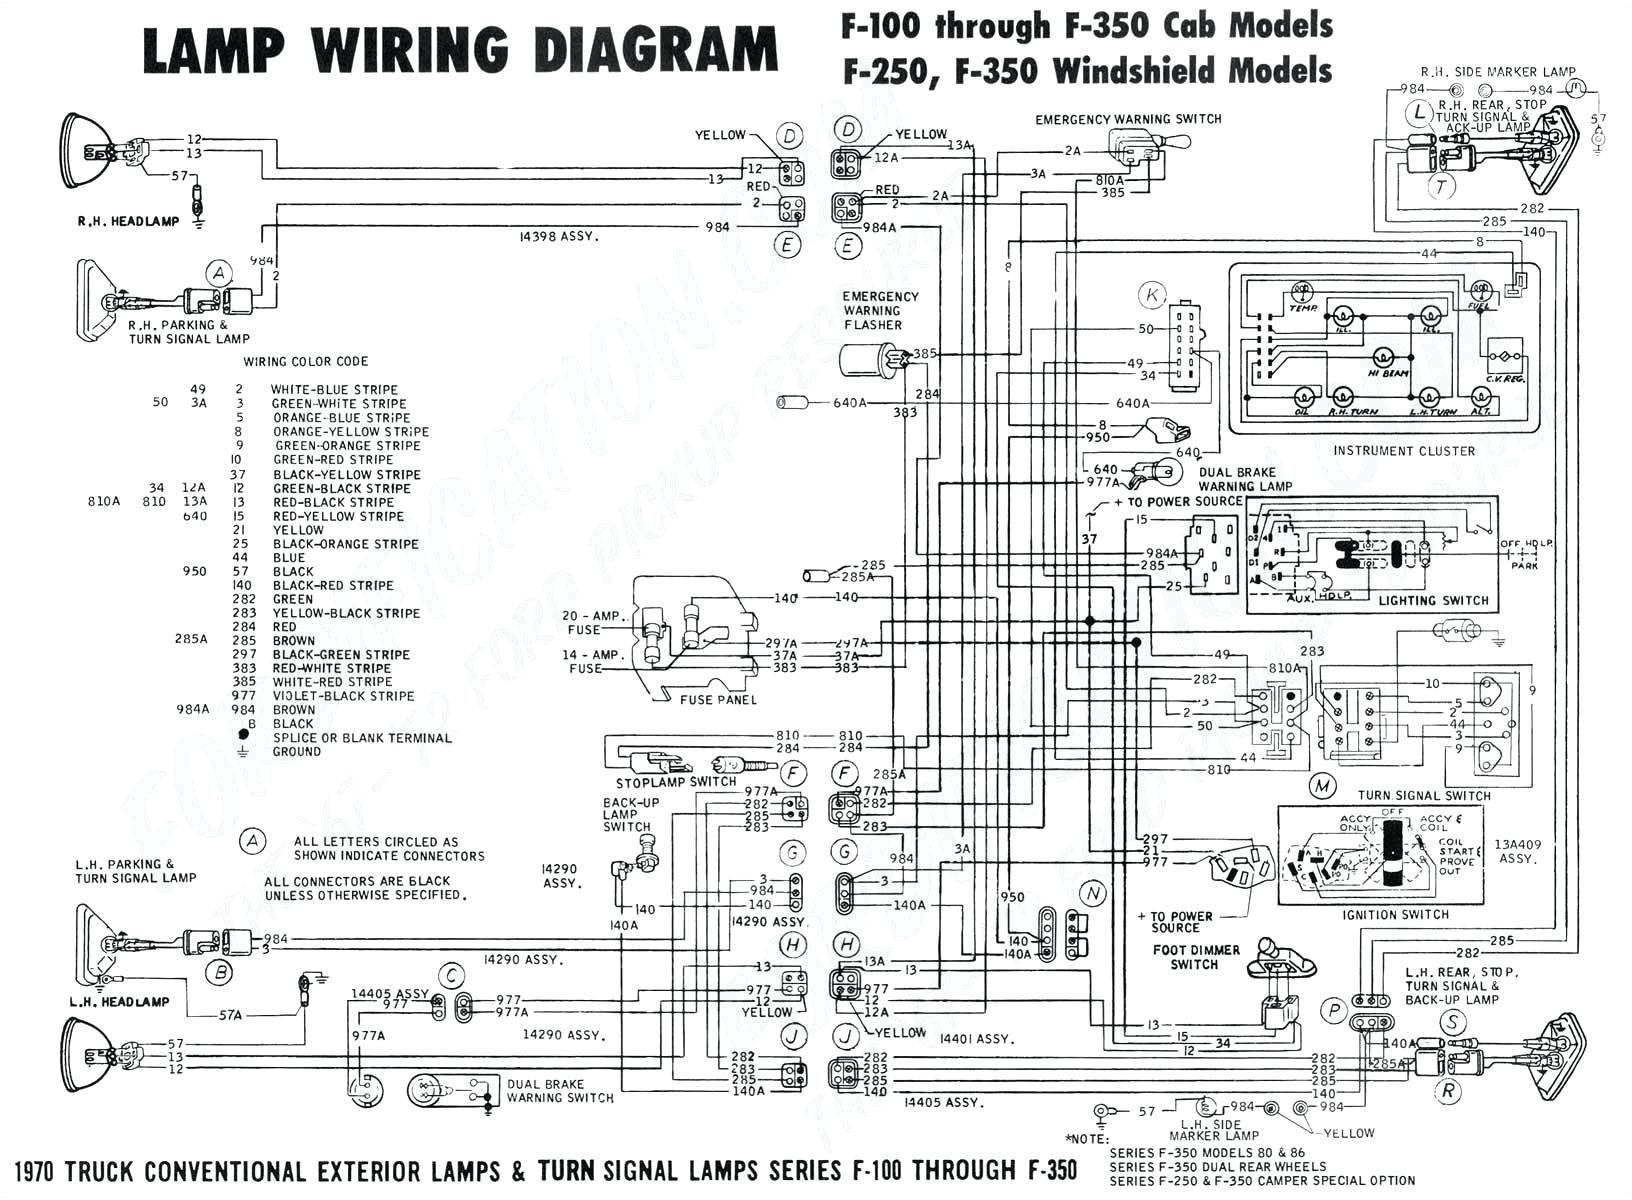 Electrical Wiring Diagram Symbols Wiring Schematic Symbols as Well Electrical Schematic Diagram